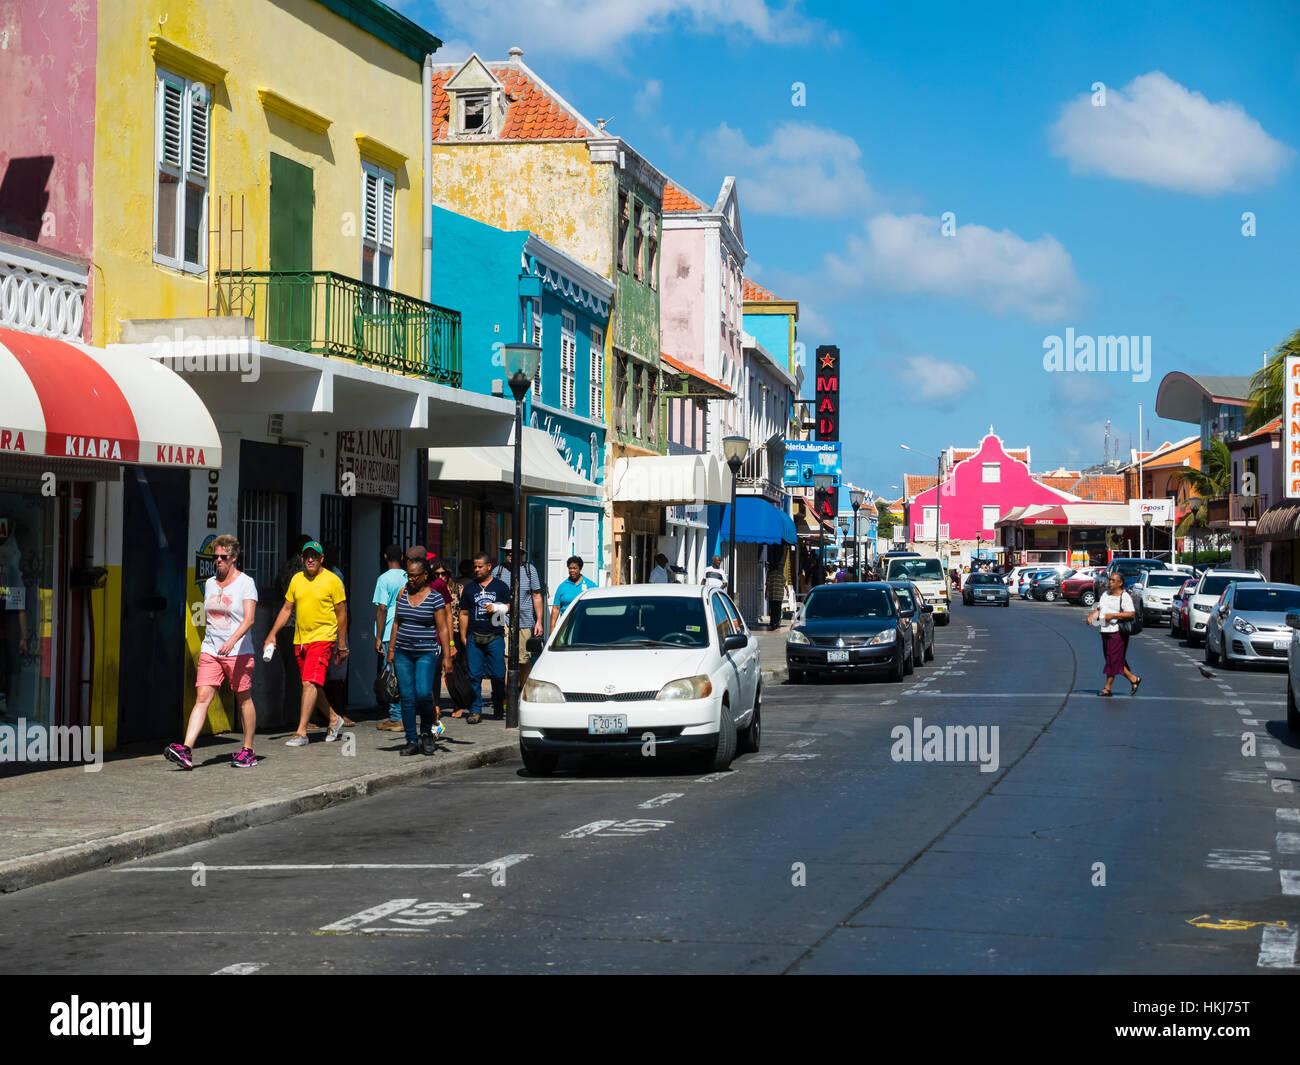 Maisons colorées à Willemstad, Curaçao, Petites Antilles, Caraïbes Banque D'Images